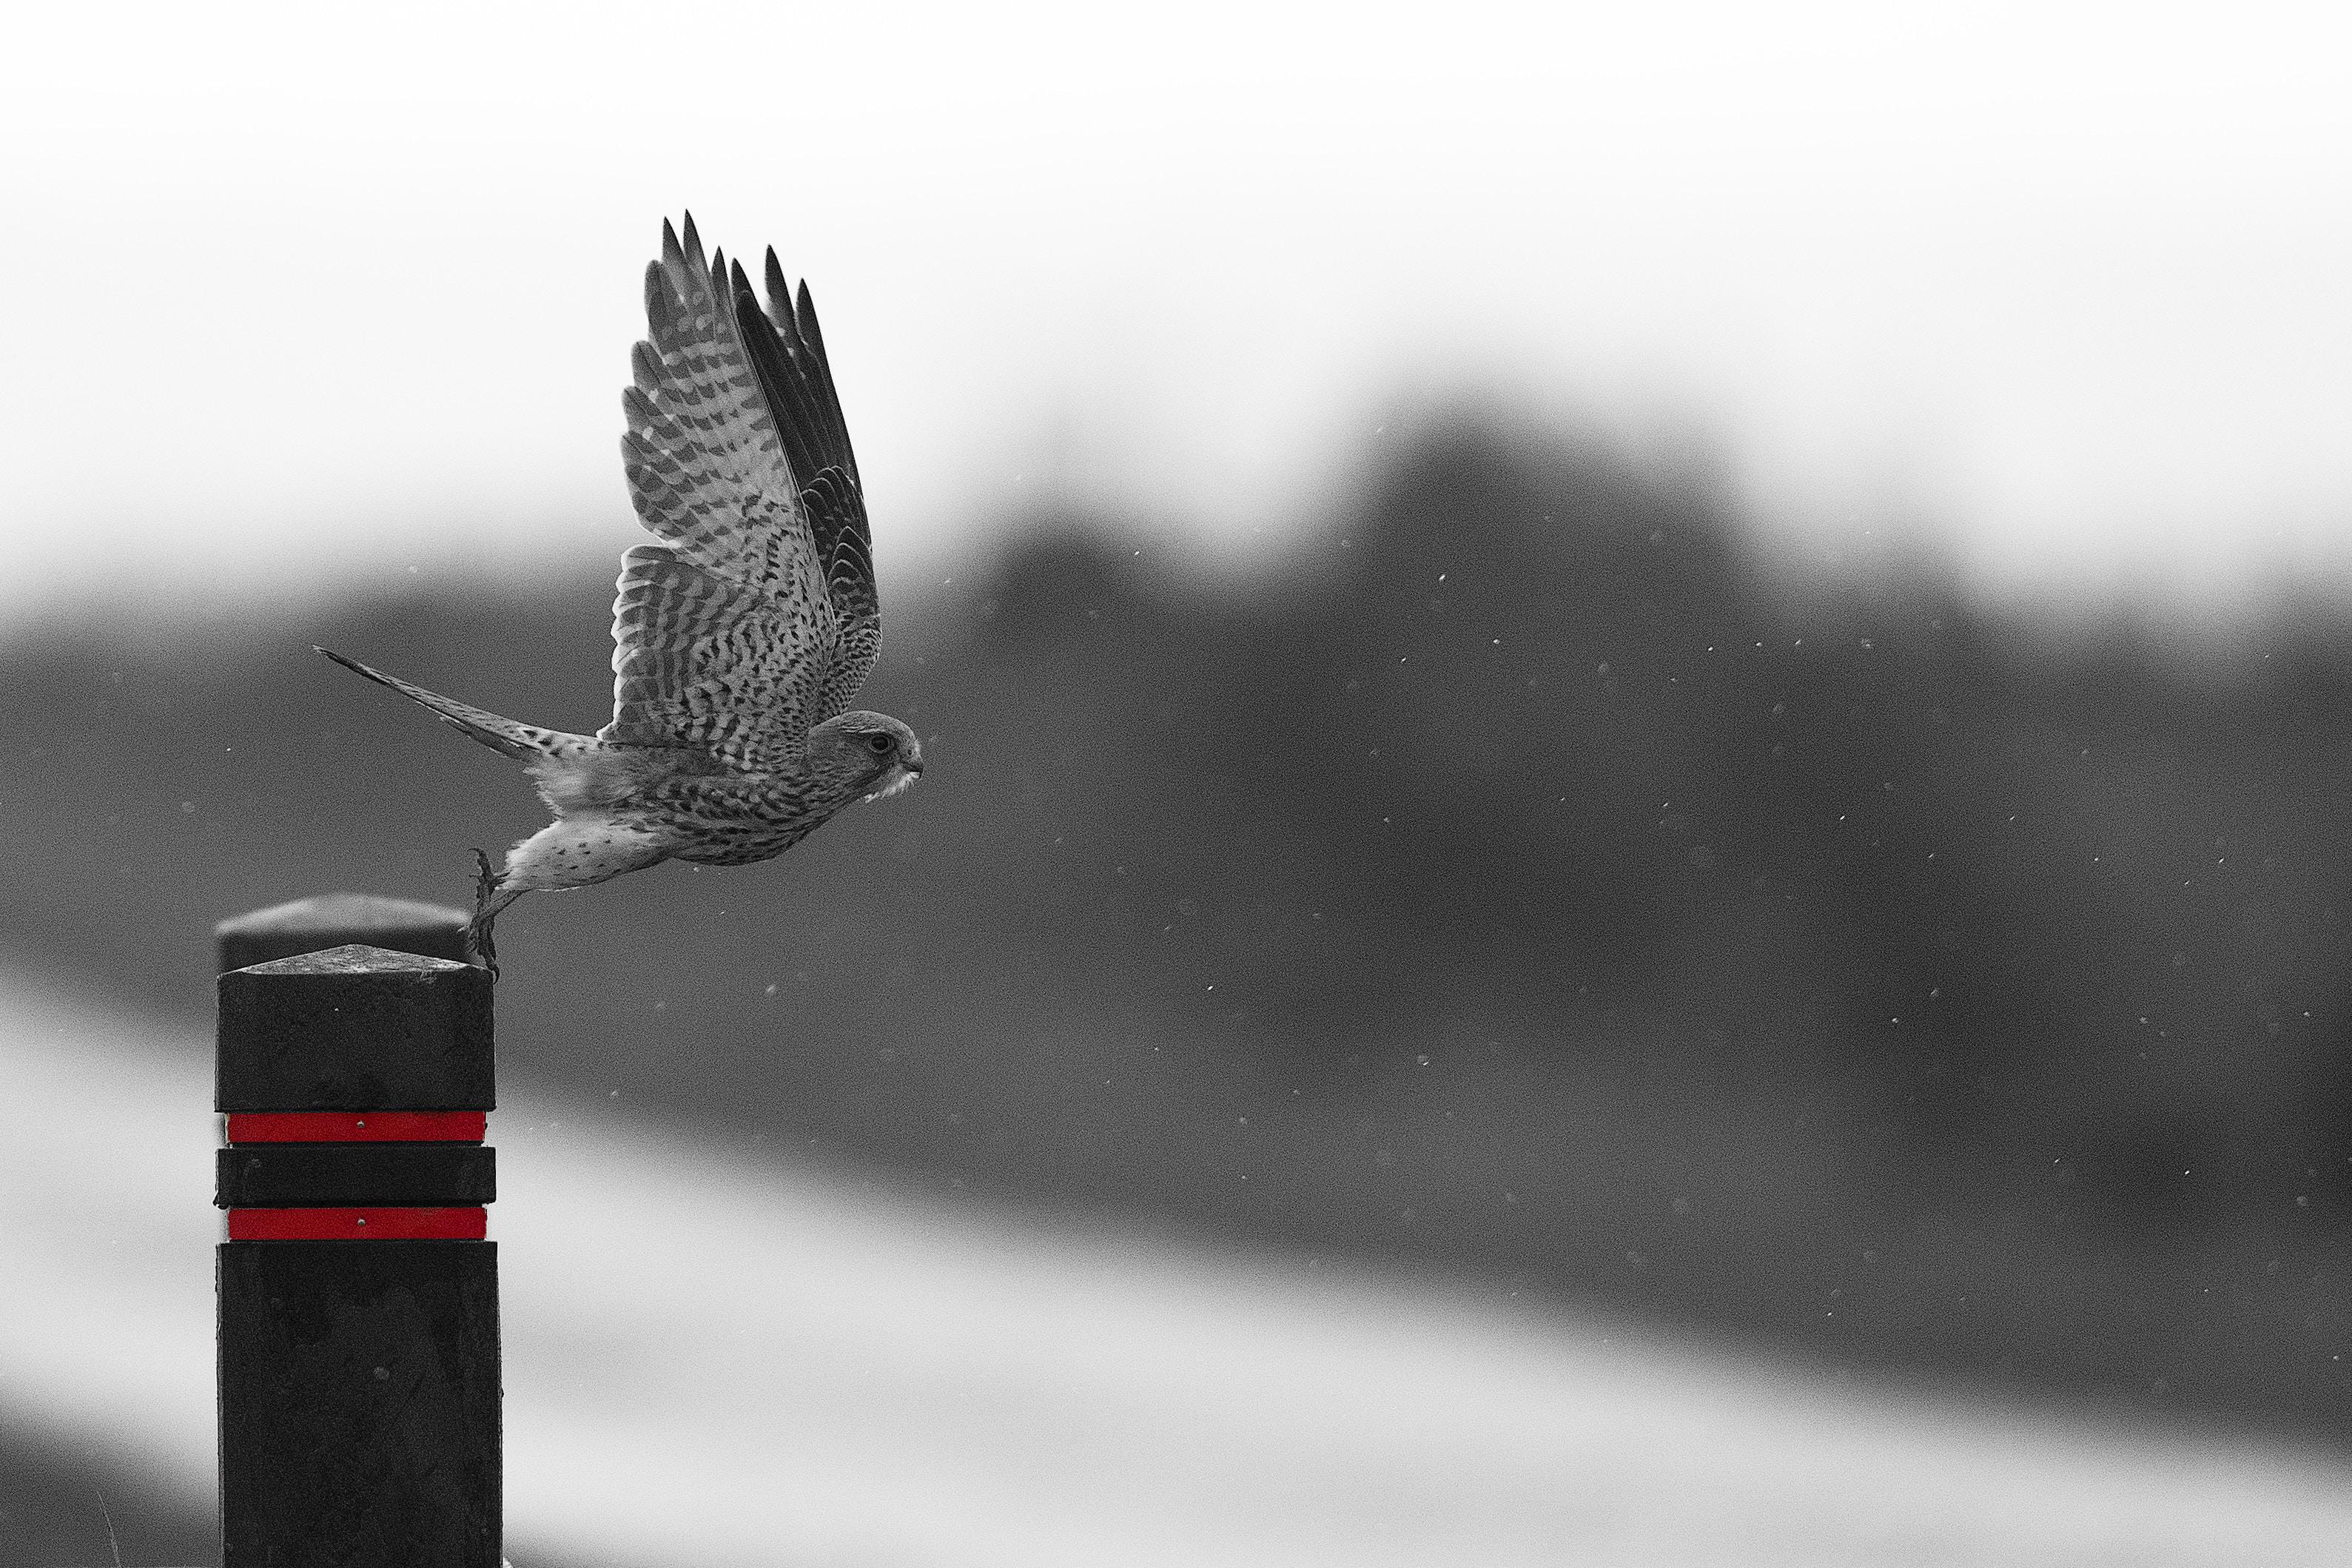 143510 économiseurs d'écran et fonds d'écran Oiseau sur votre téléphone. Téléchargez Oiseau, Animaux, Prédateur, Vol, Faucon, Ailes, Aile, Vague, Rapace, Balayer images gratuitement